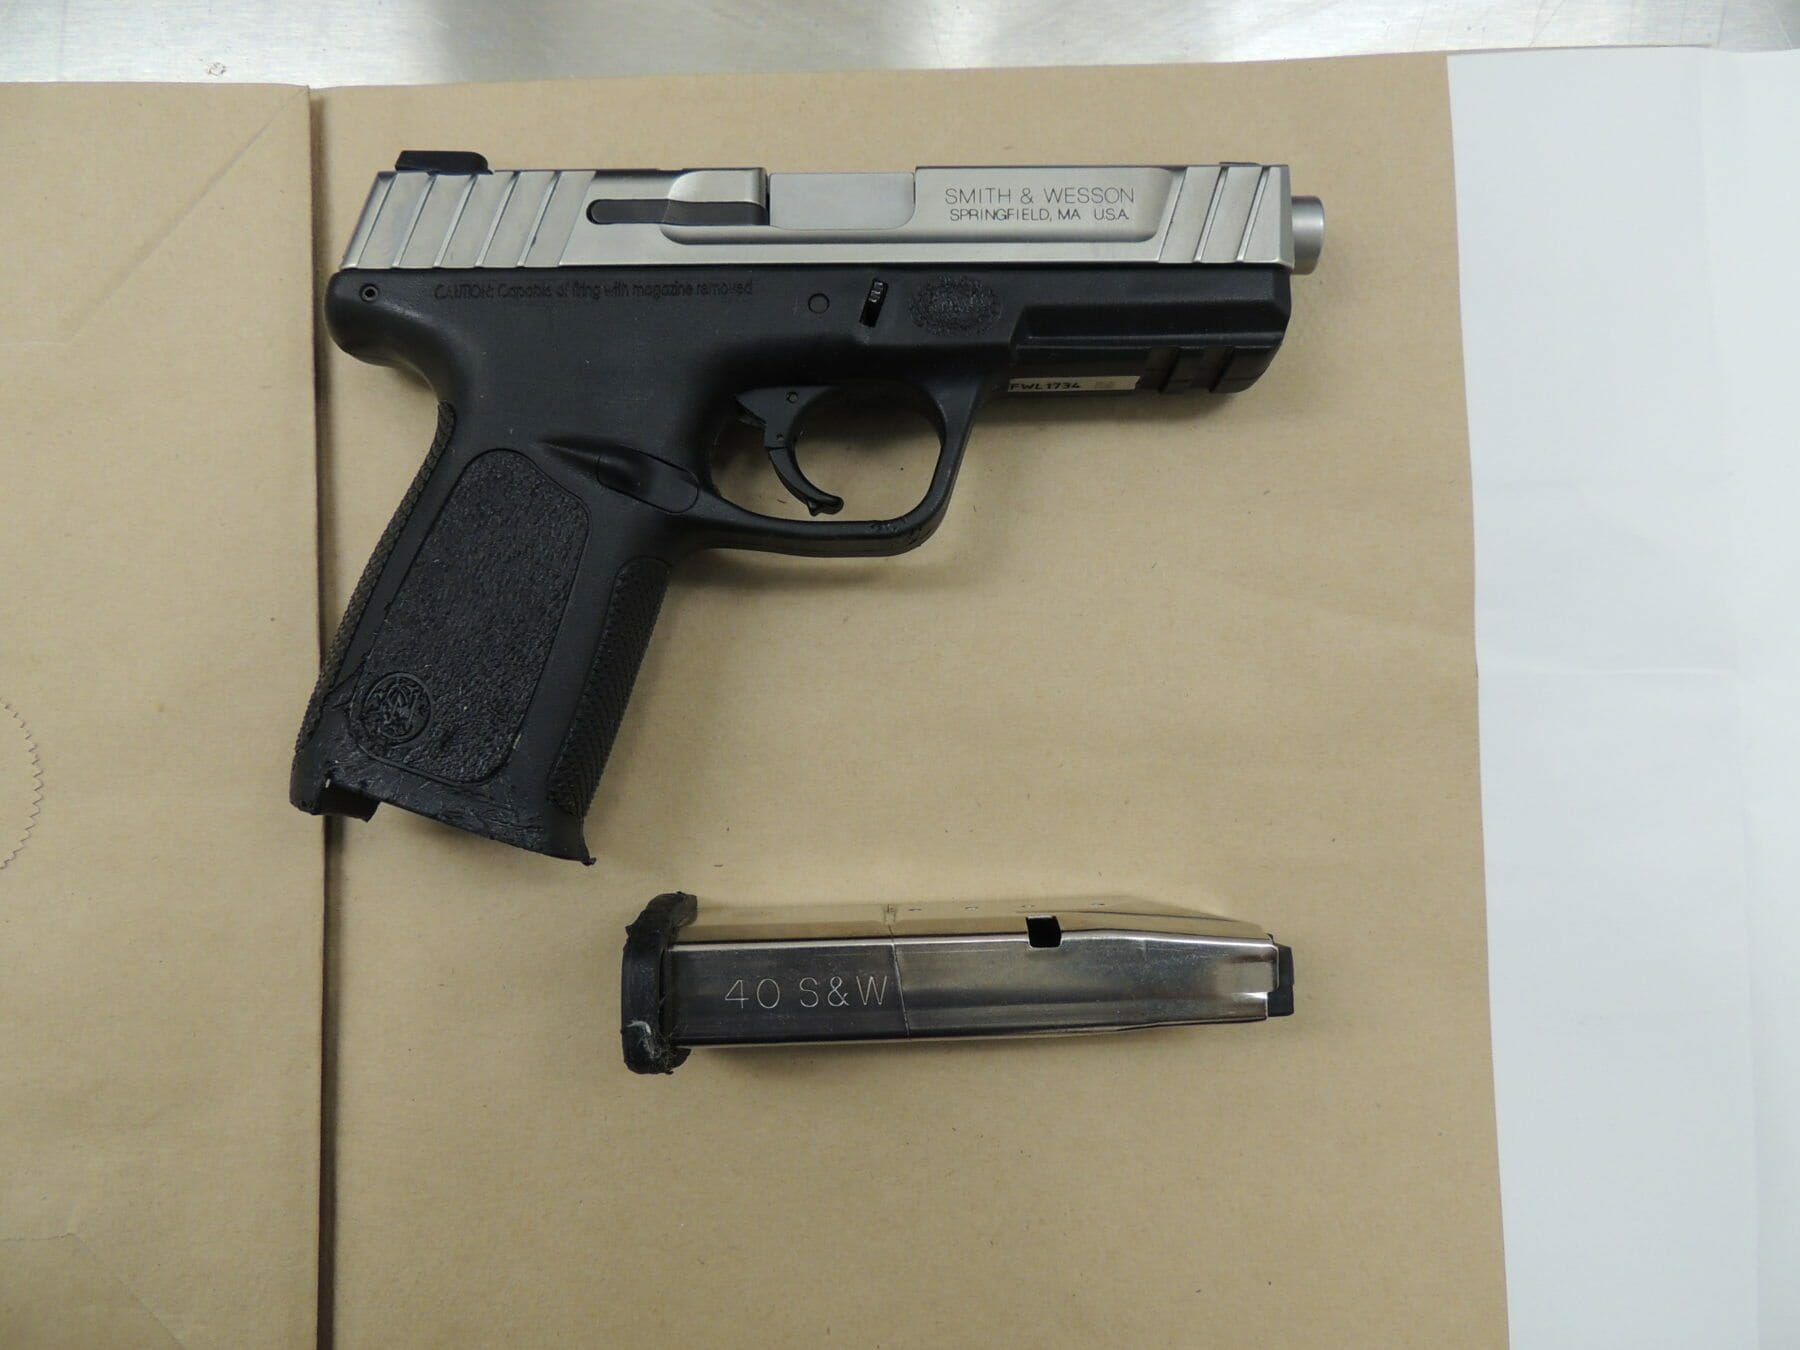 .40 calibre handgun